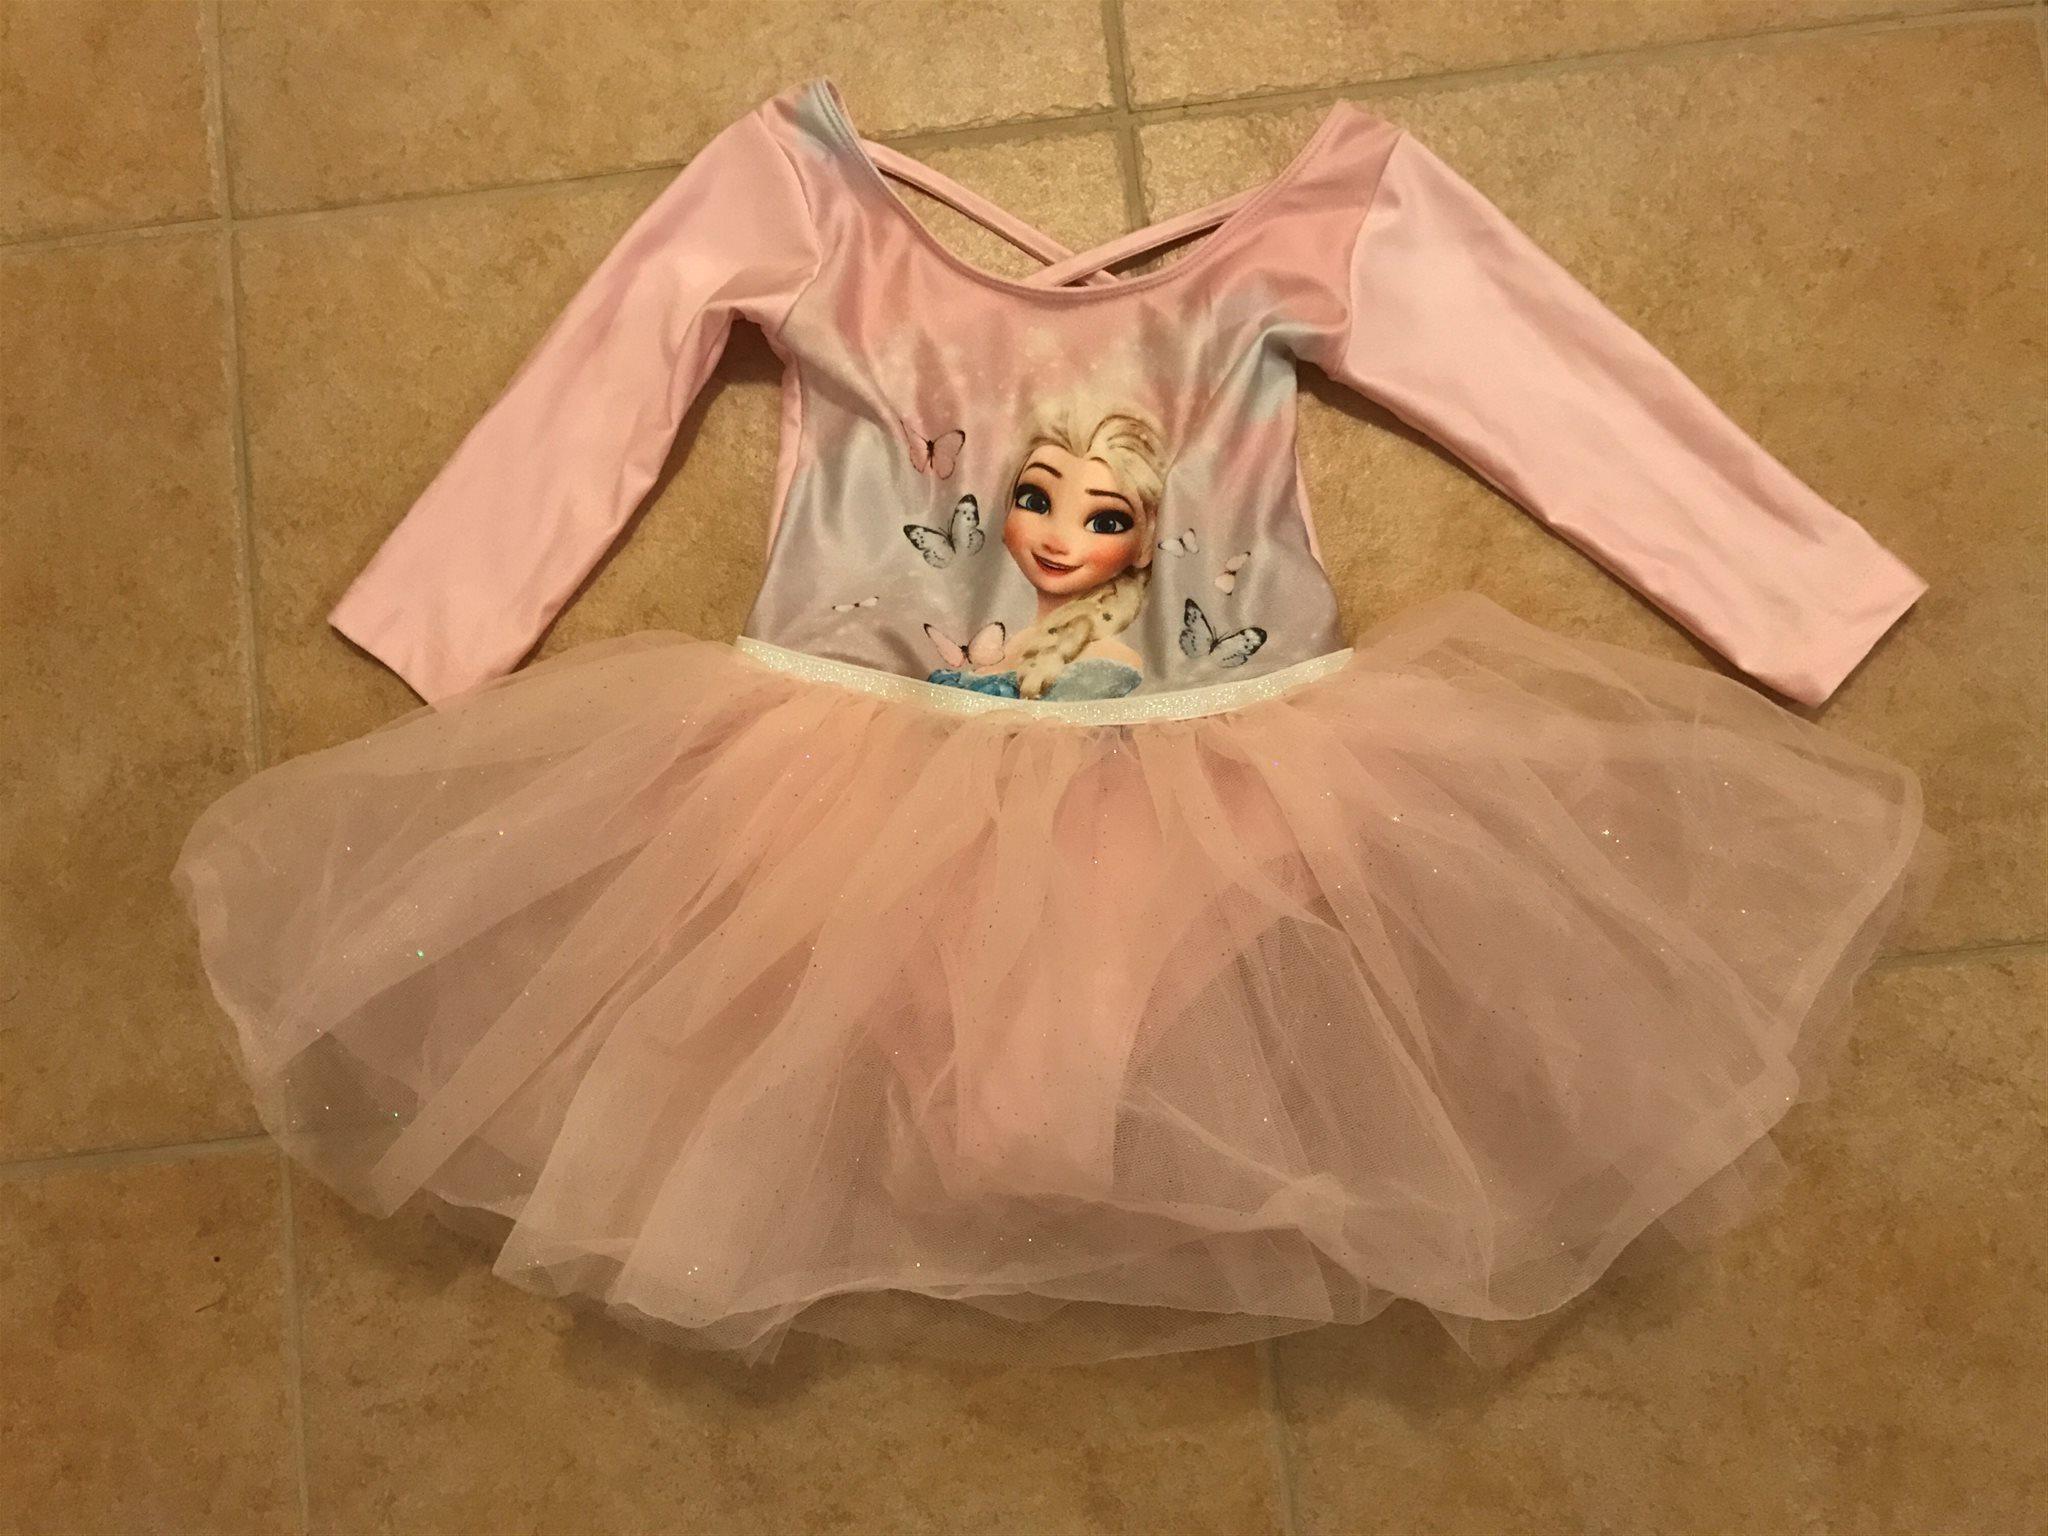 Ballerinadräkt Frozen Elsa H M 98 104  NY  (339496816) ᐈ Köp på Tradera f48633c2df280